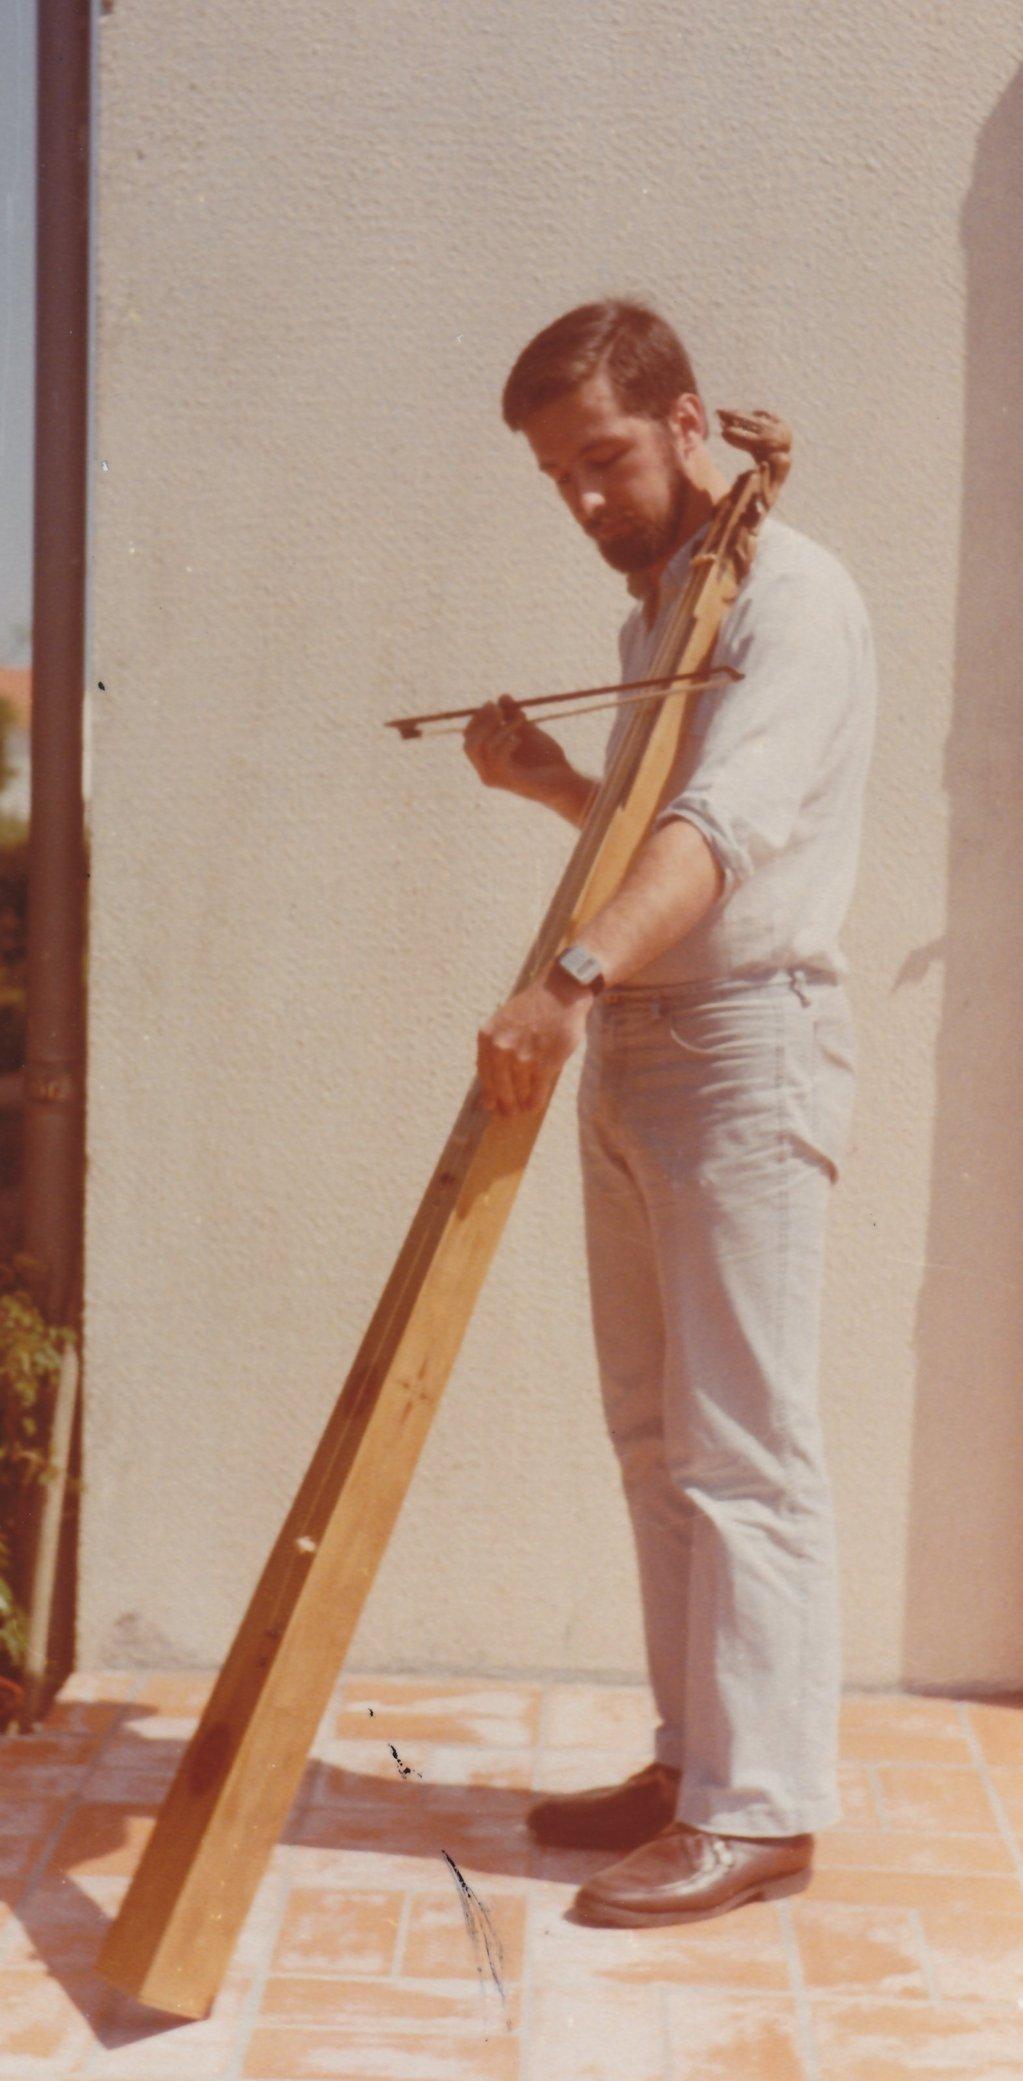 Fabrication d'instruments de musique anciens de bgire - Page 2 ZDv5Ib-1983-Trompette-marine-01